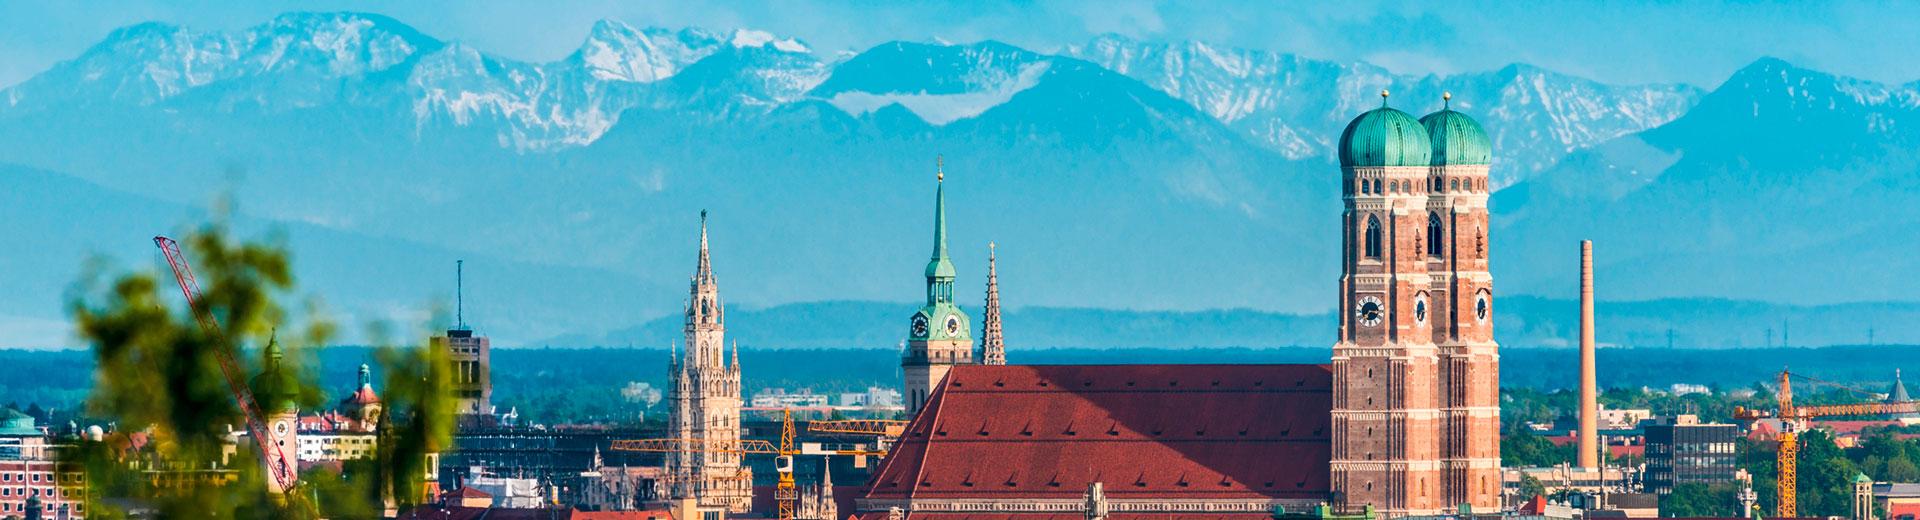 Munich Top